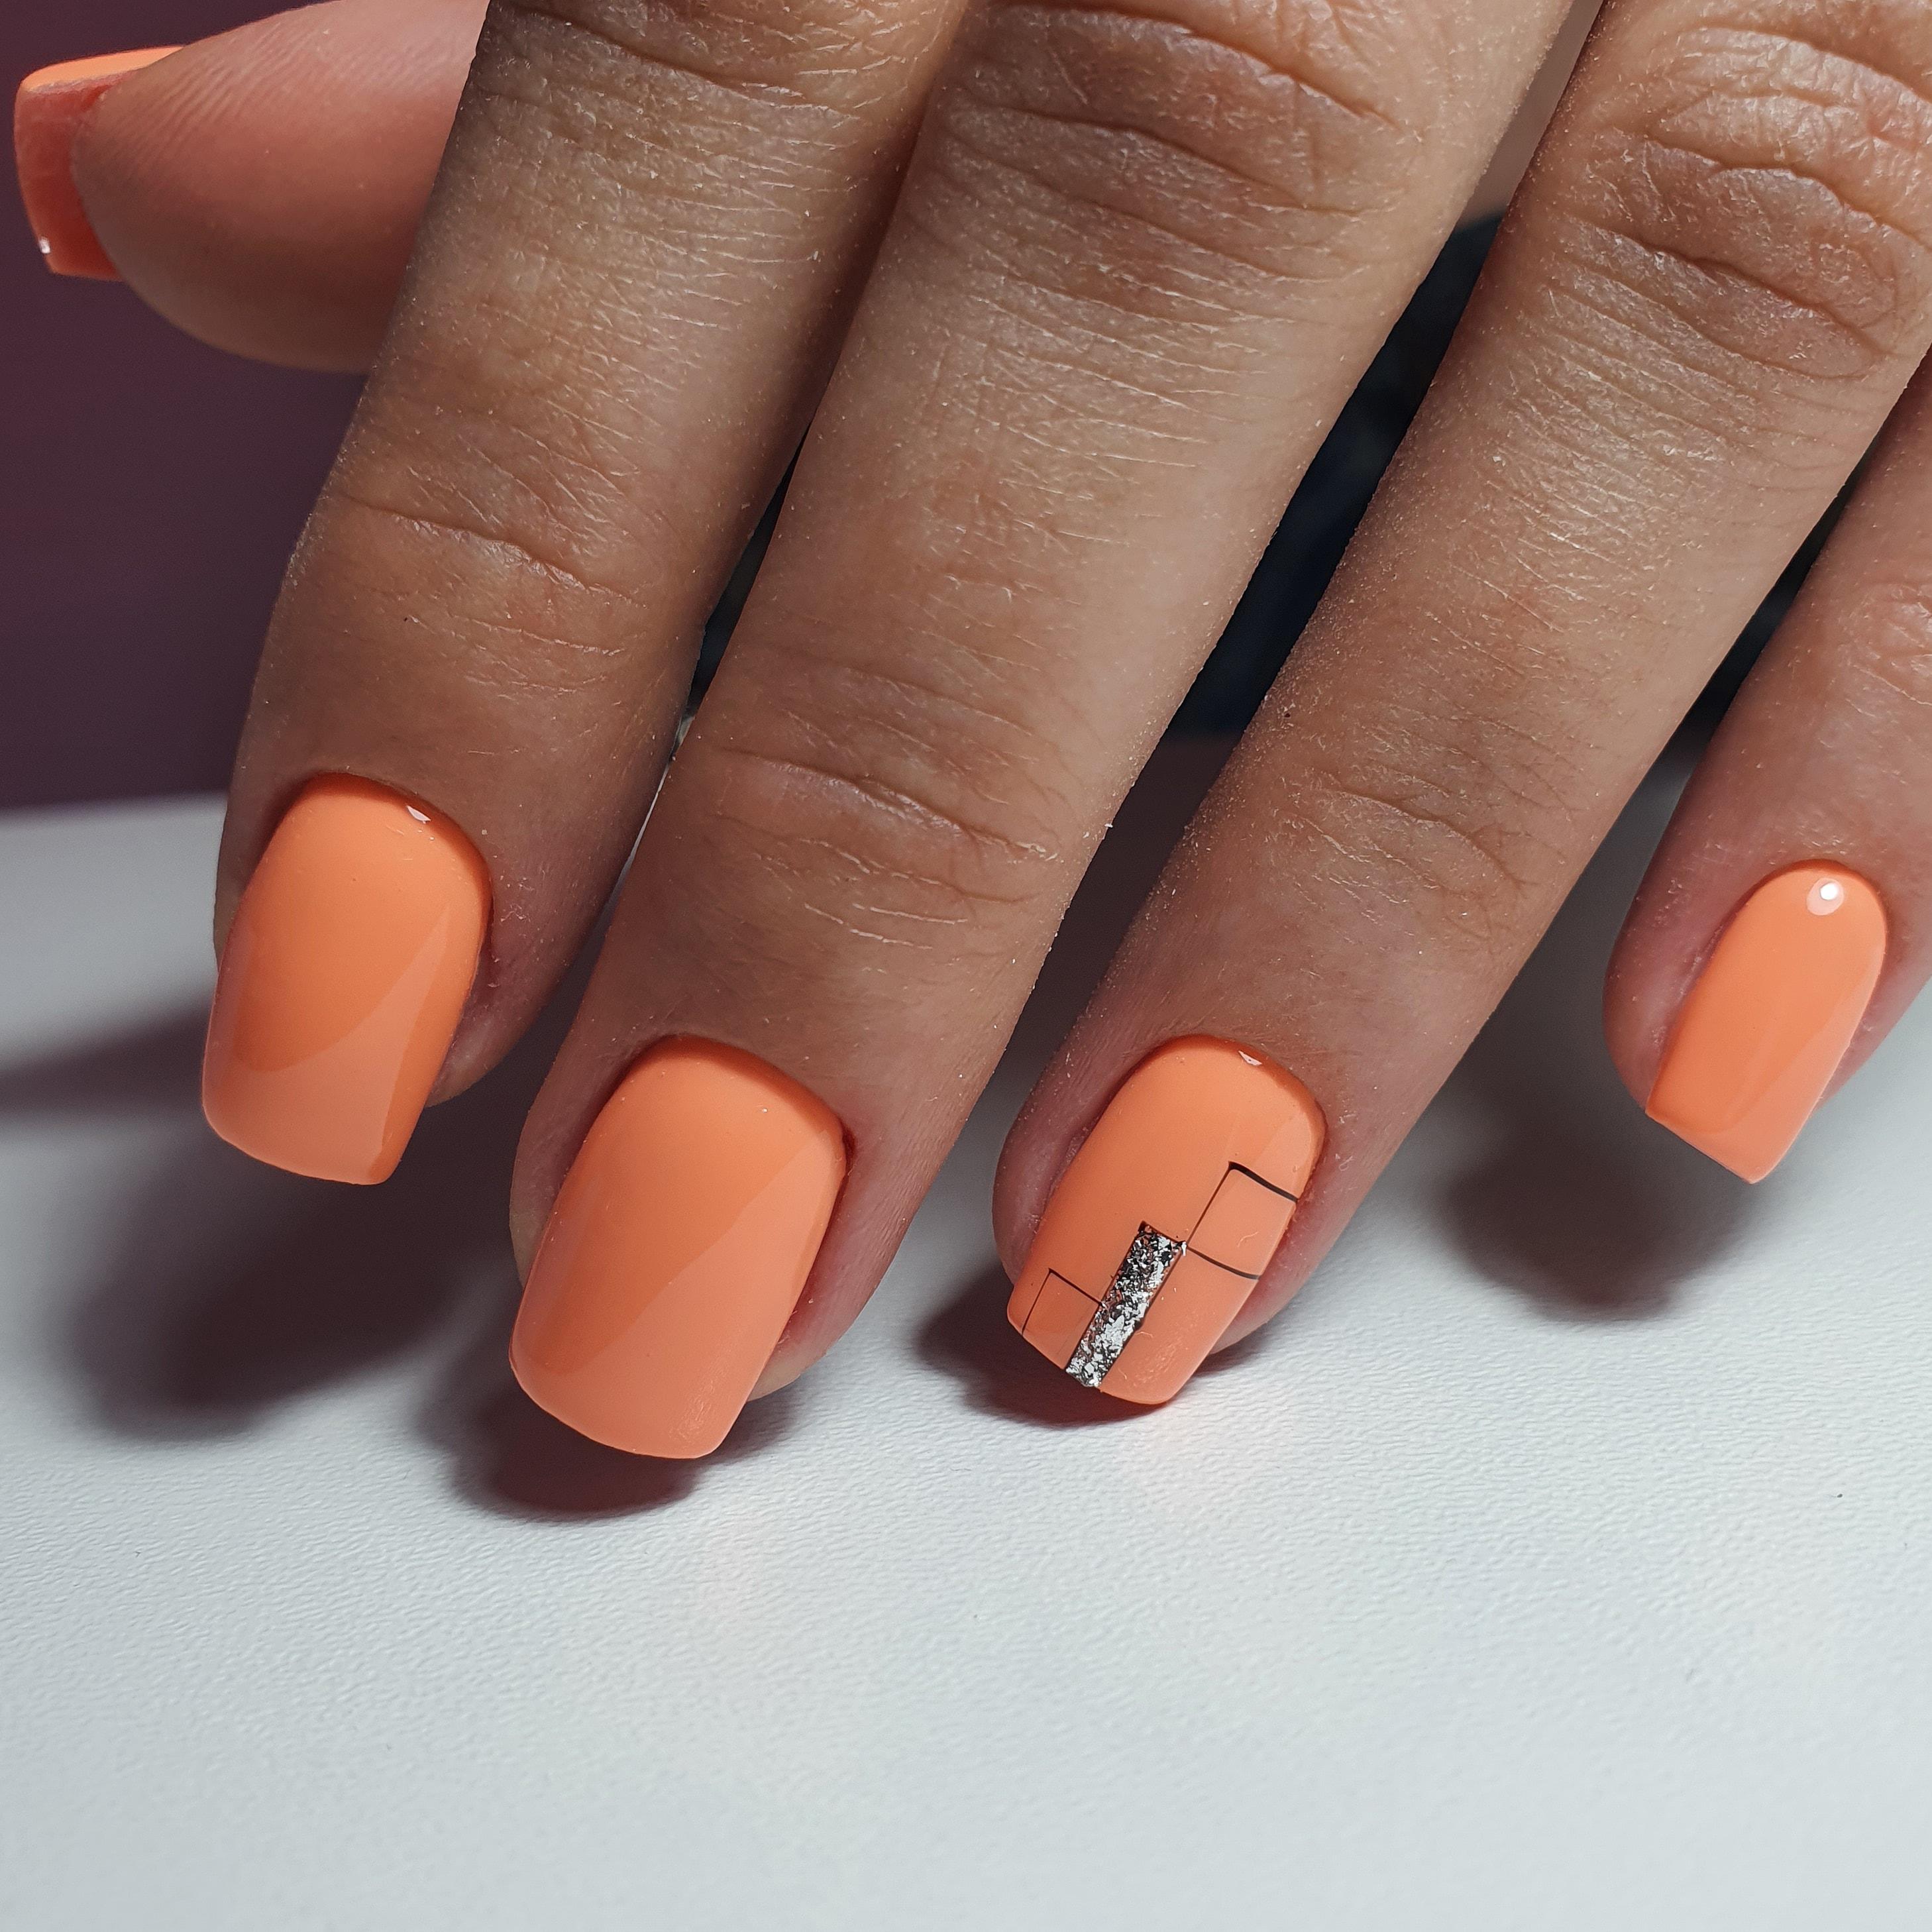 Геометрический маникюр с серебряными блестками в оранжевом цвете на короткие ногти.